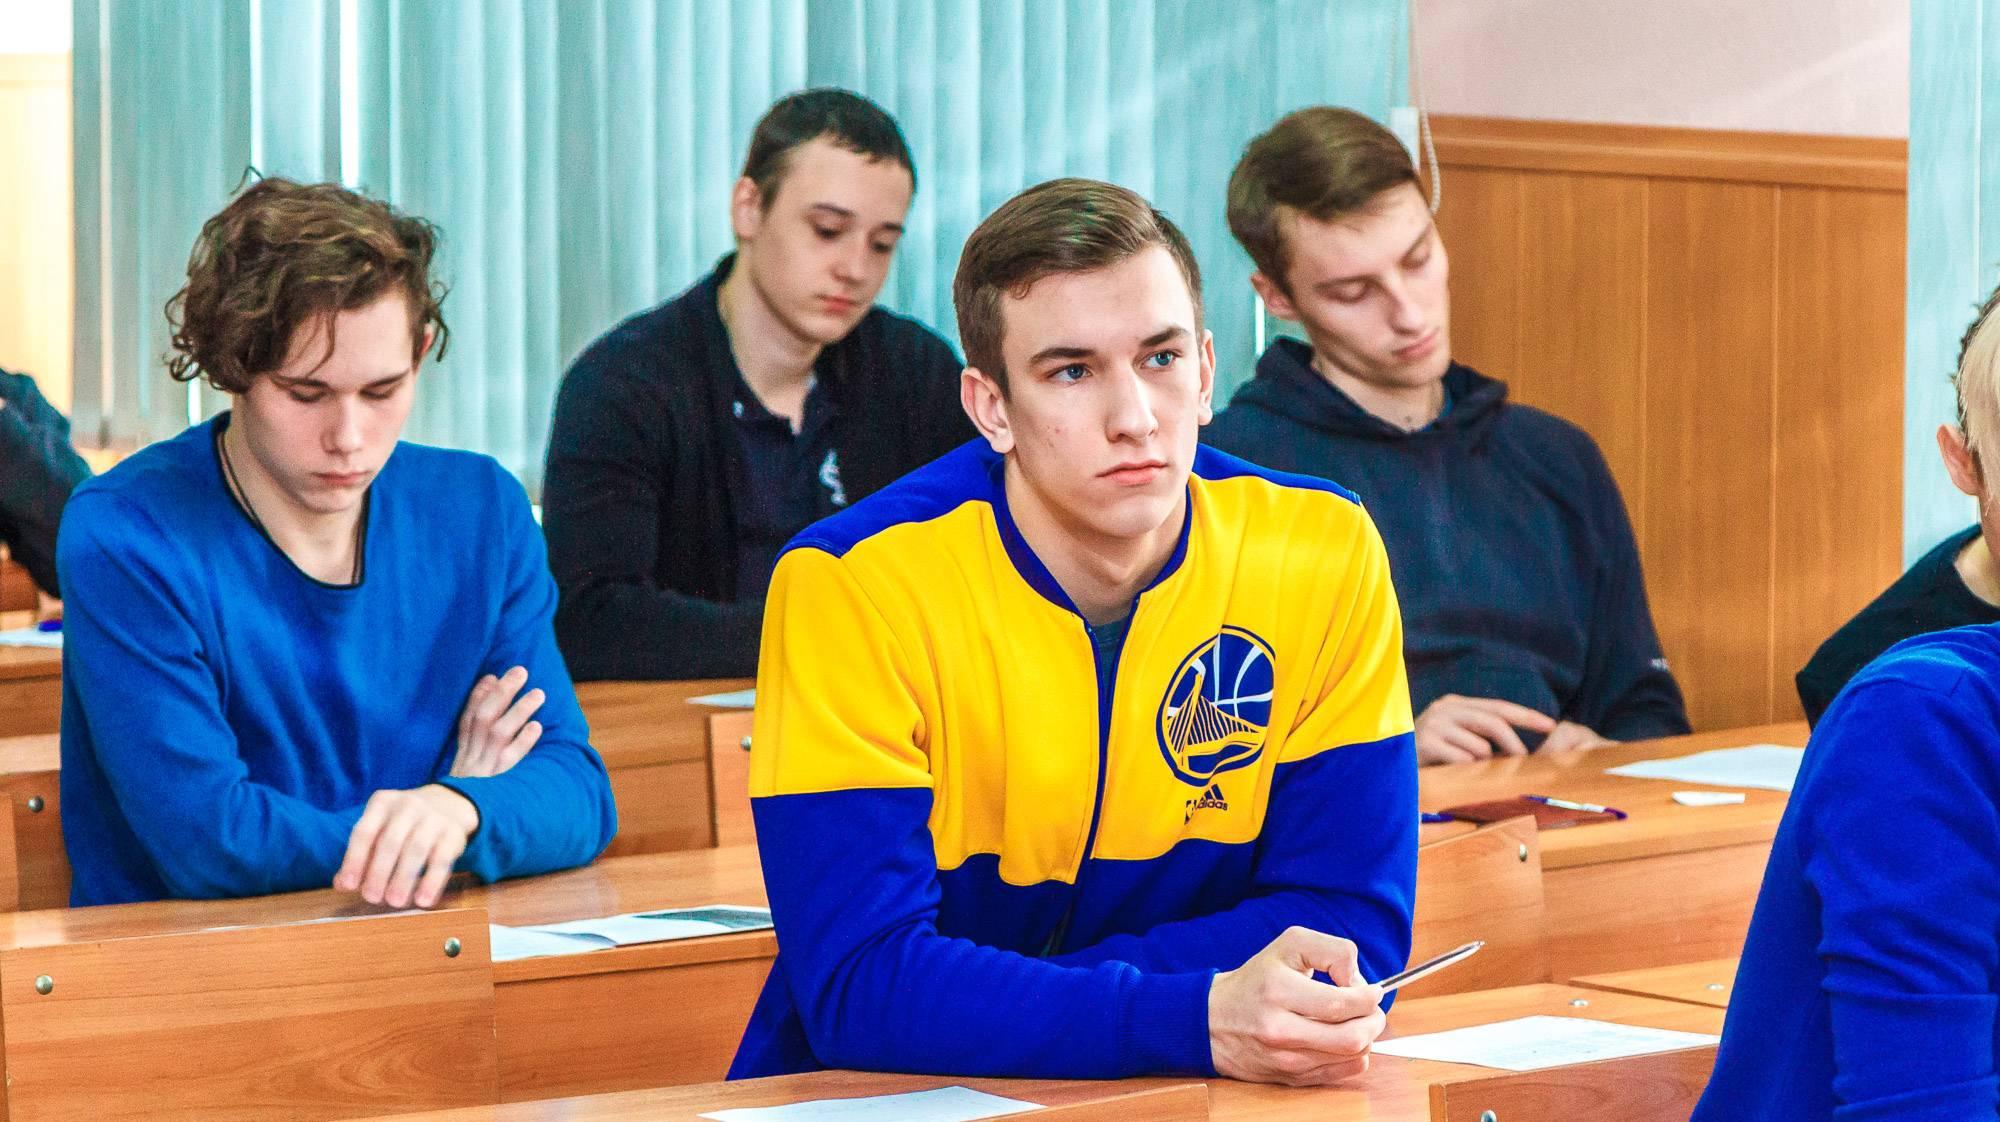 Заключительный этап Всероссийской олимпиады по физкультуре пройдет в Ульяновске